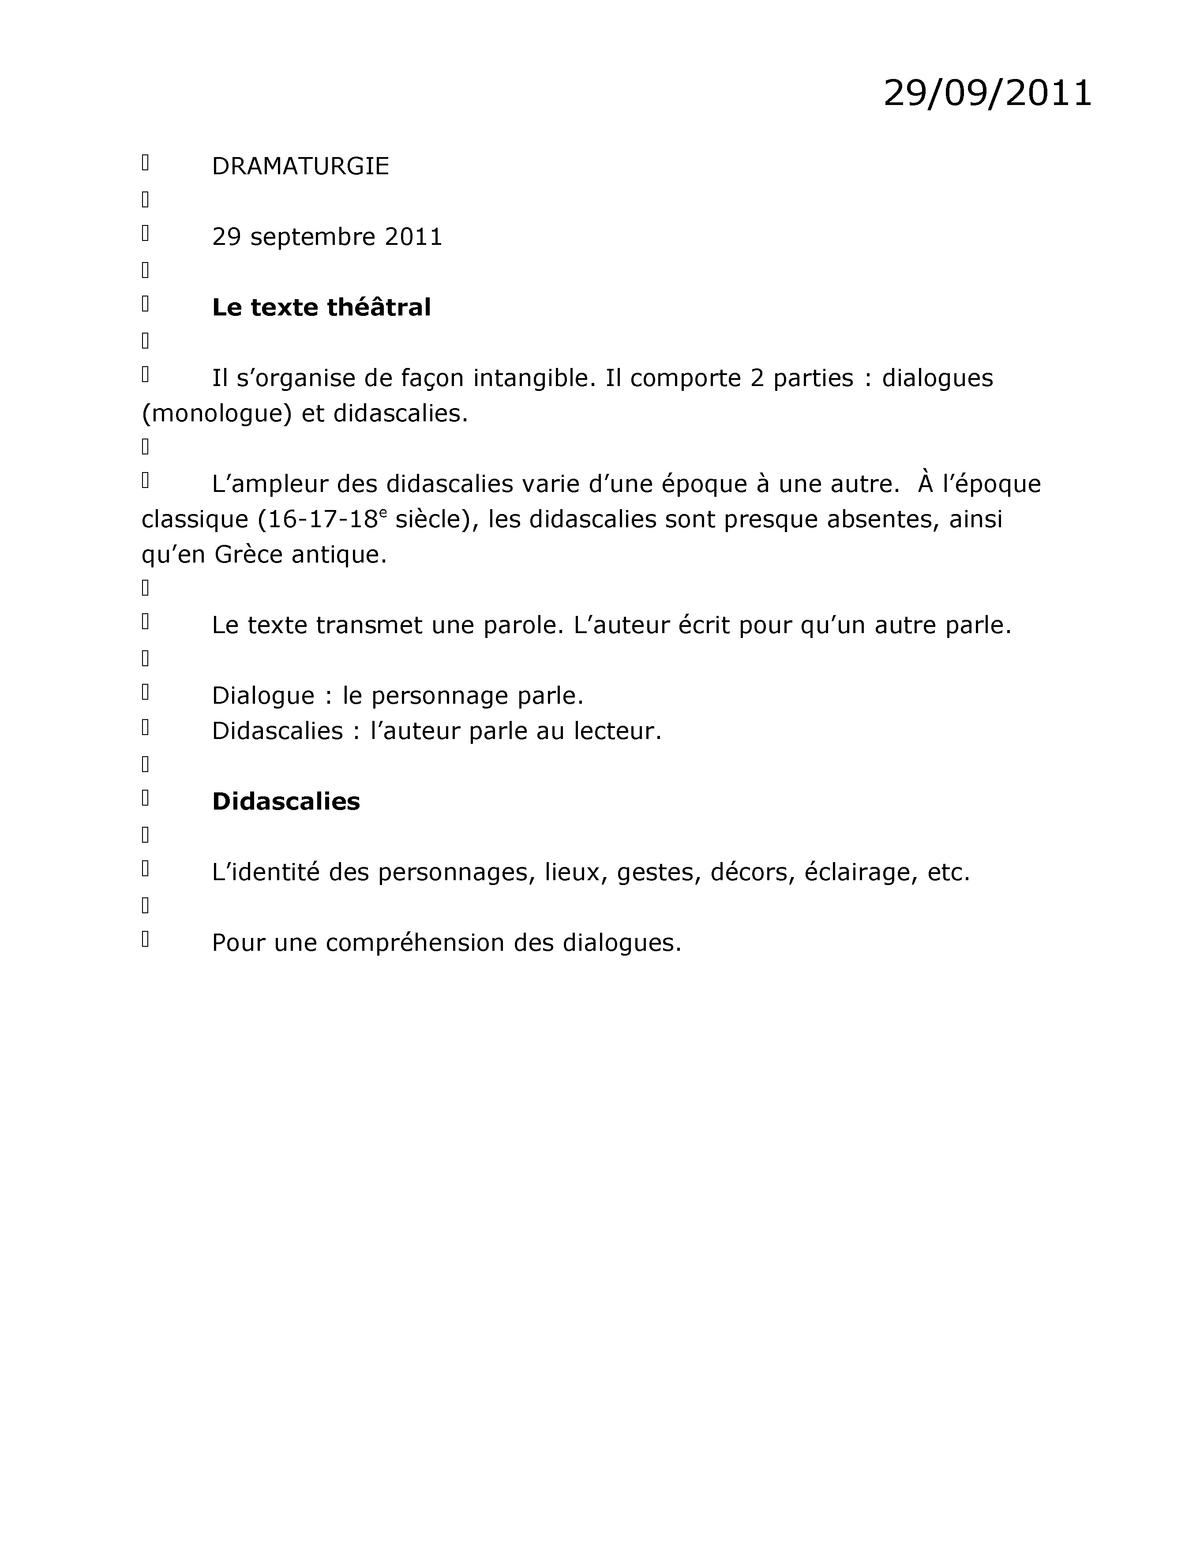 Notes De Cours Dramaturgie Est1102 Uqam Studocu